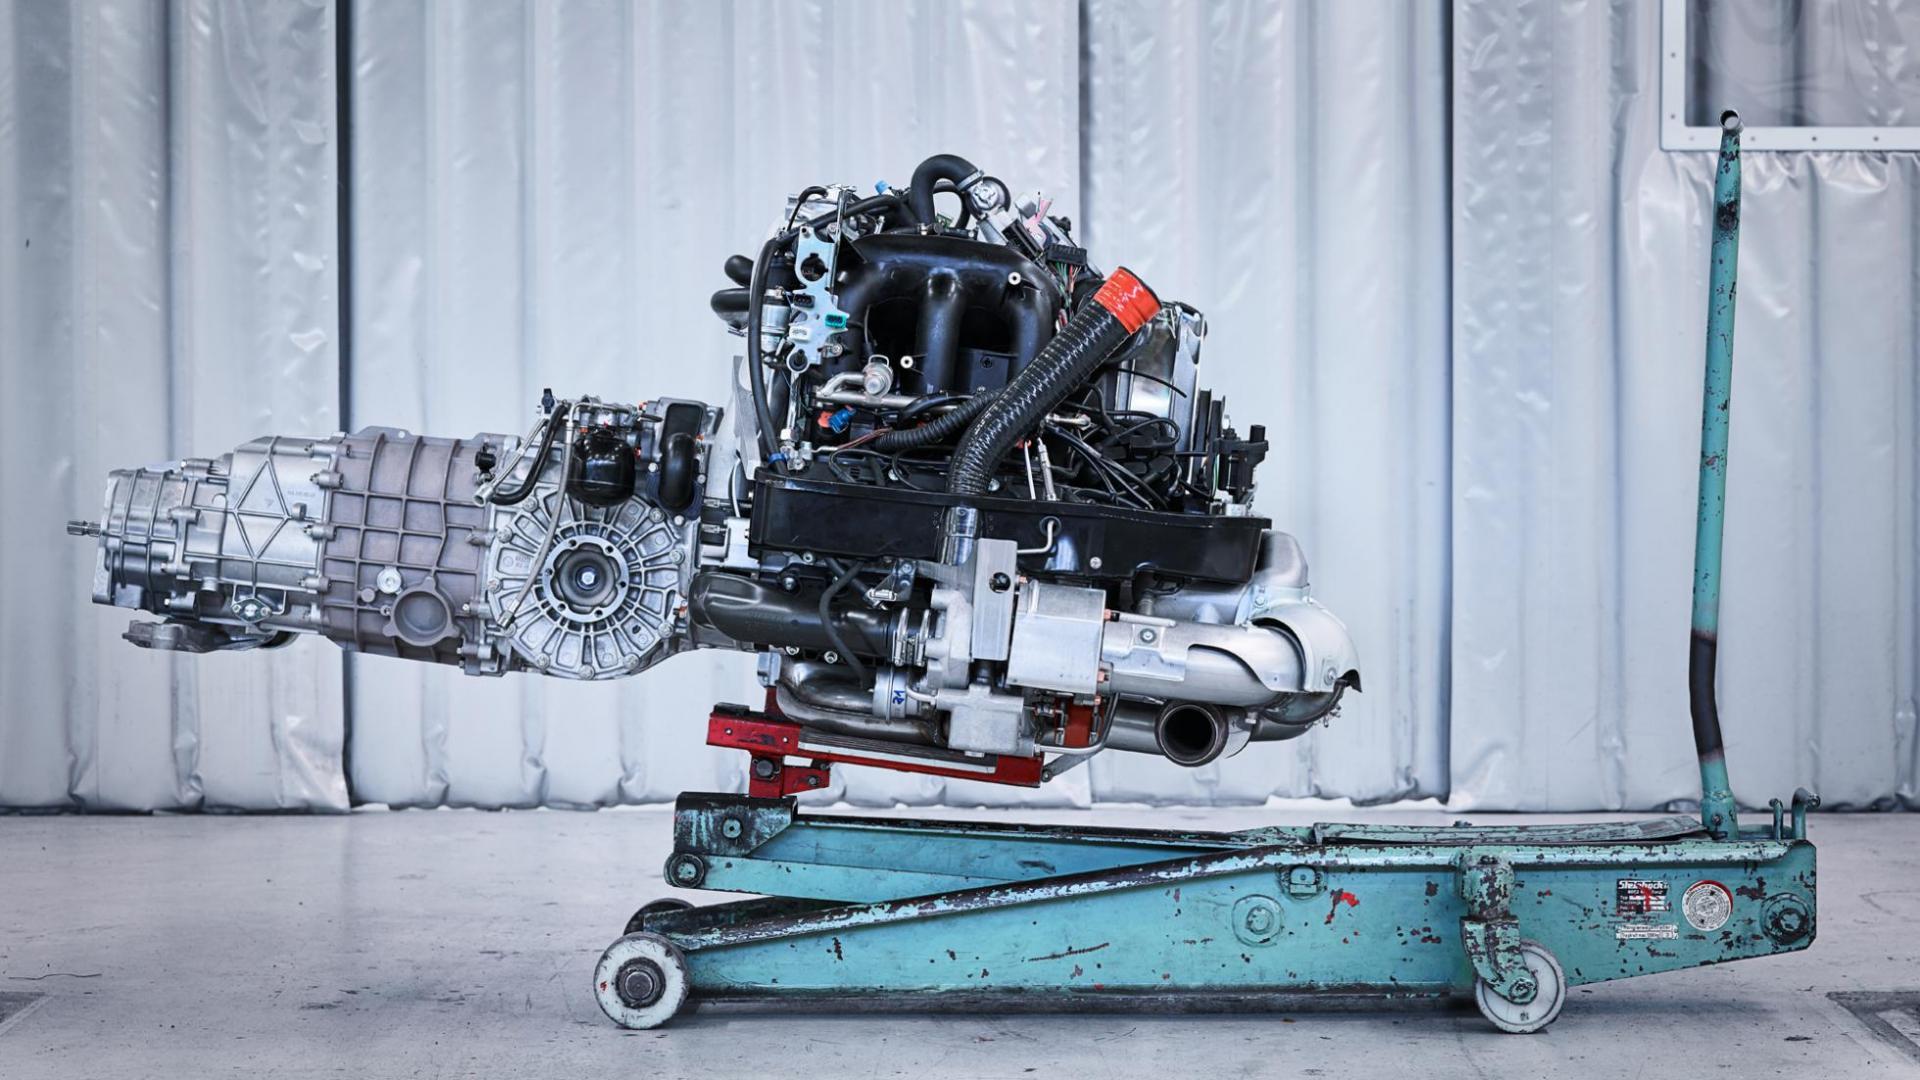 Porsche 993 Turbo motor boxer